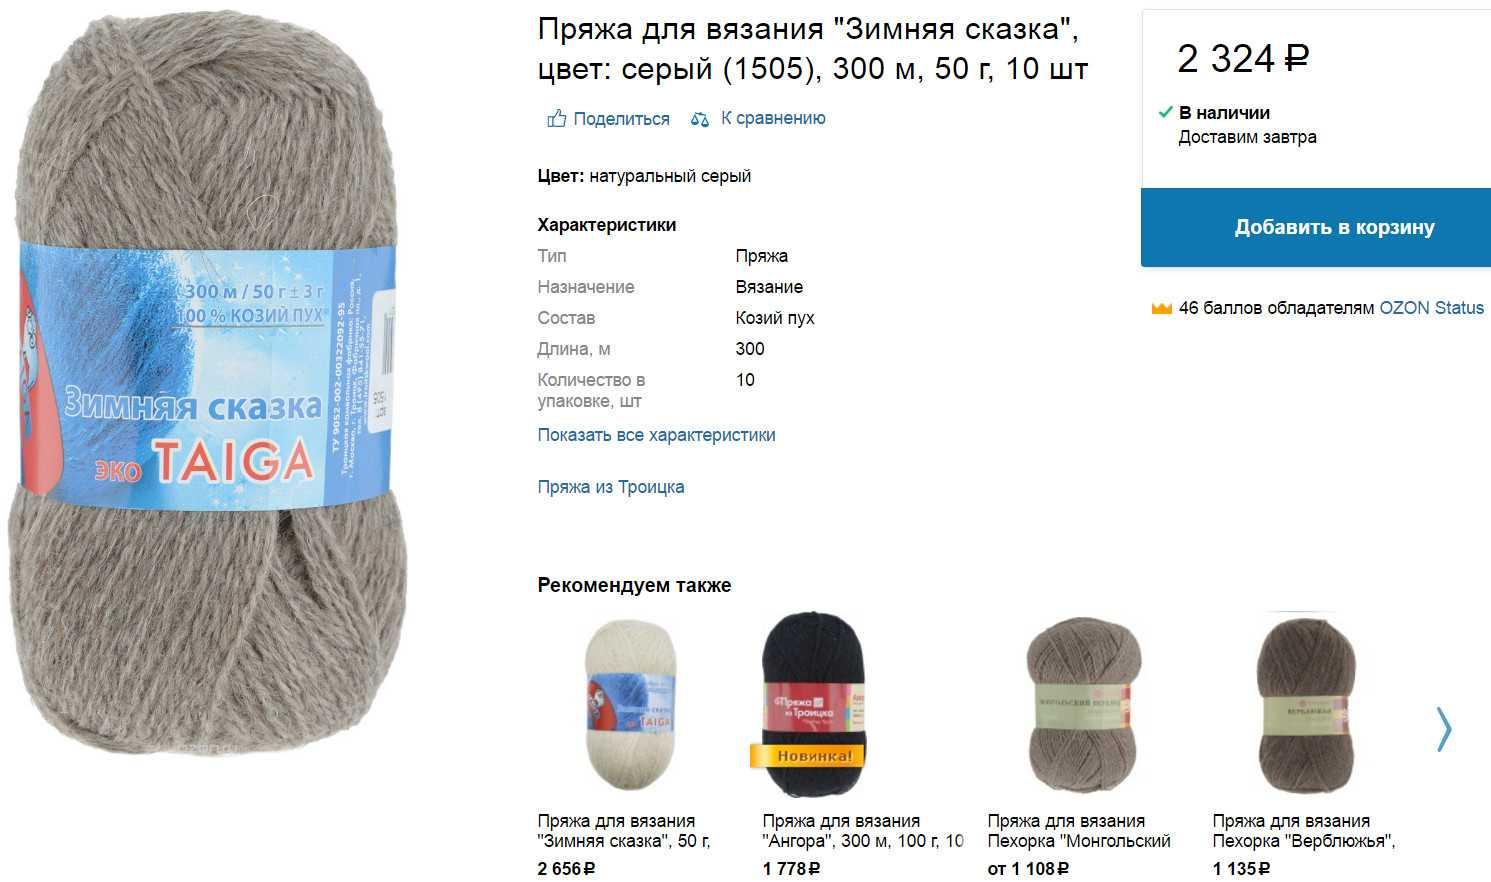 Пряжа для вязания зимняя сказка отзывы